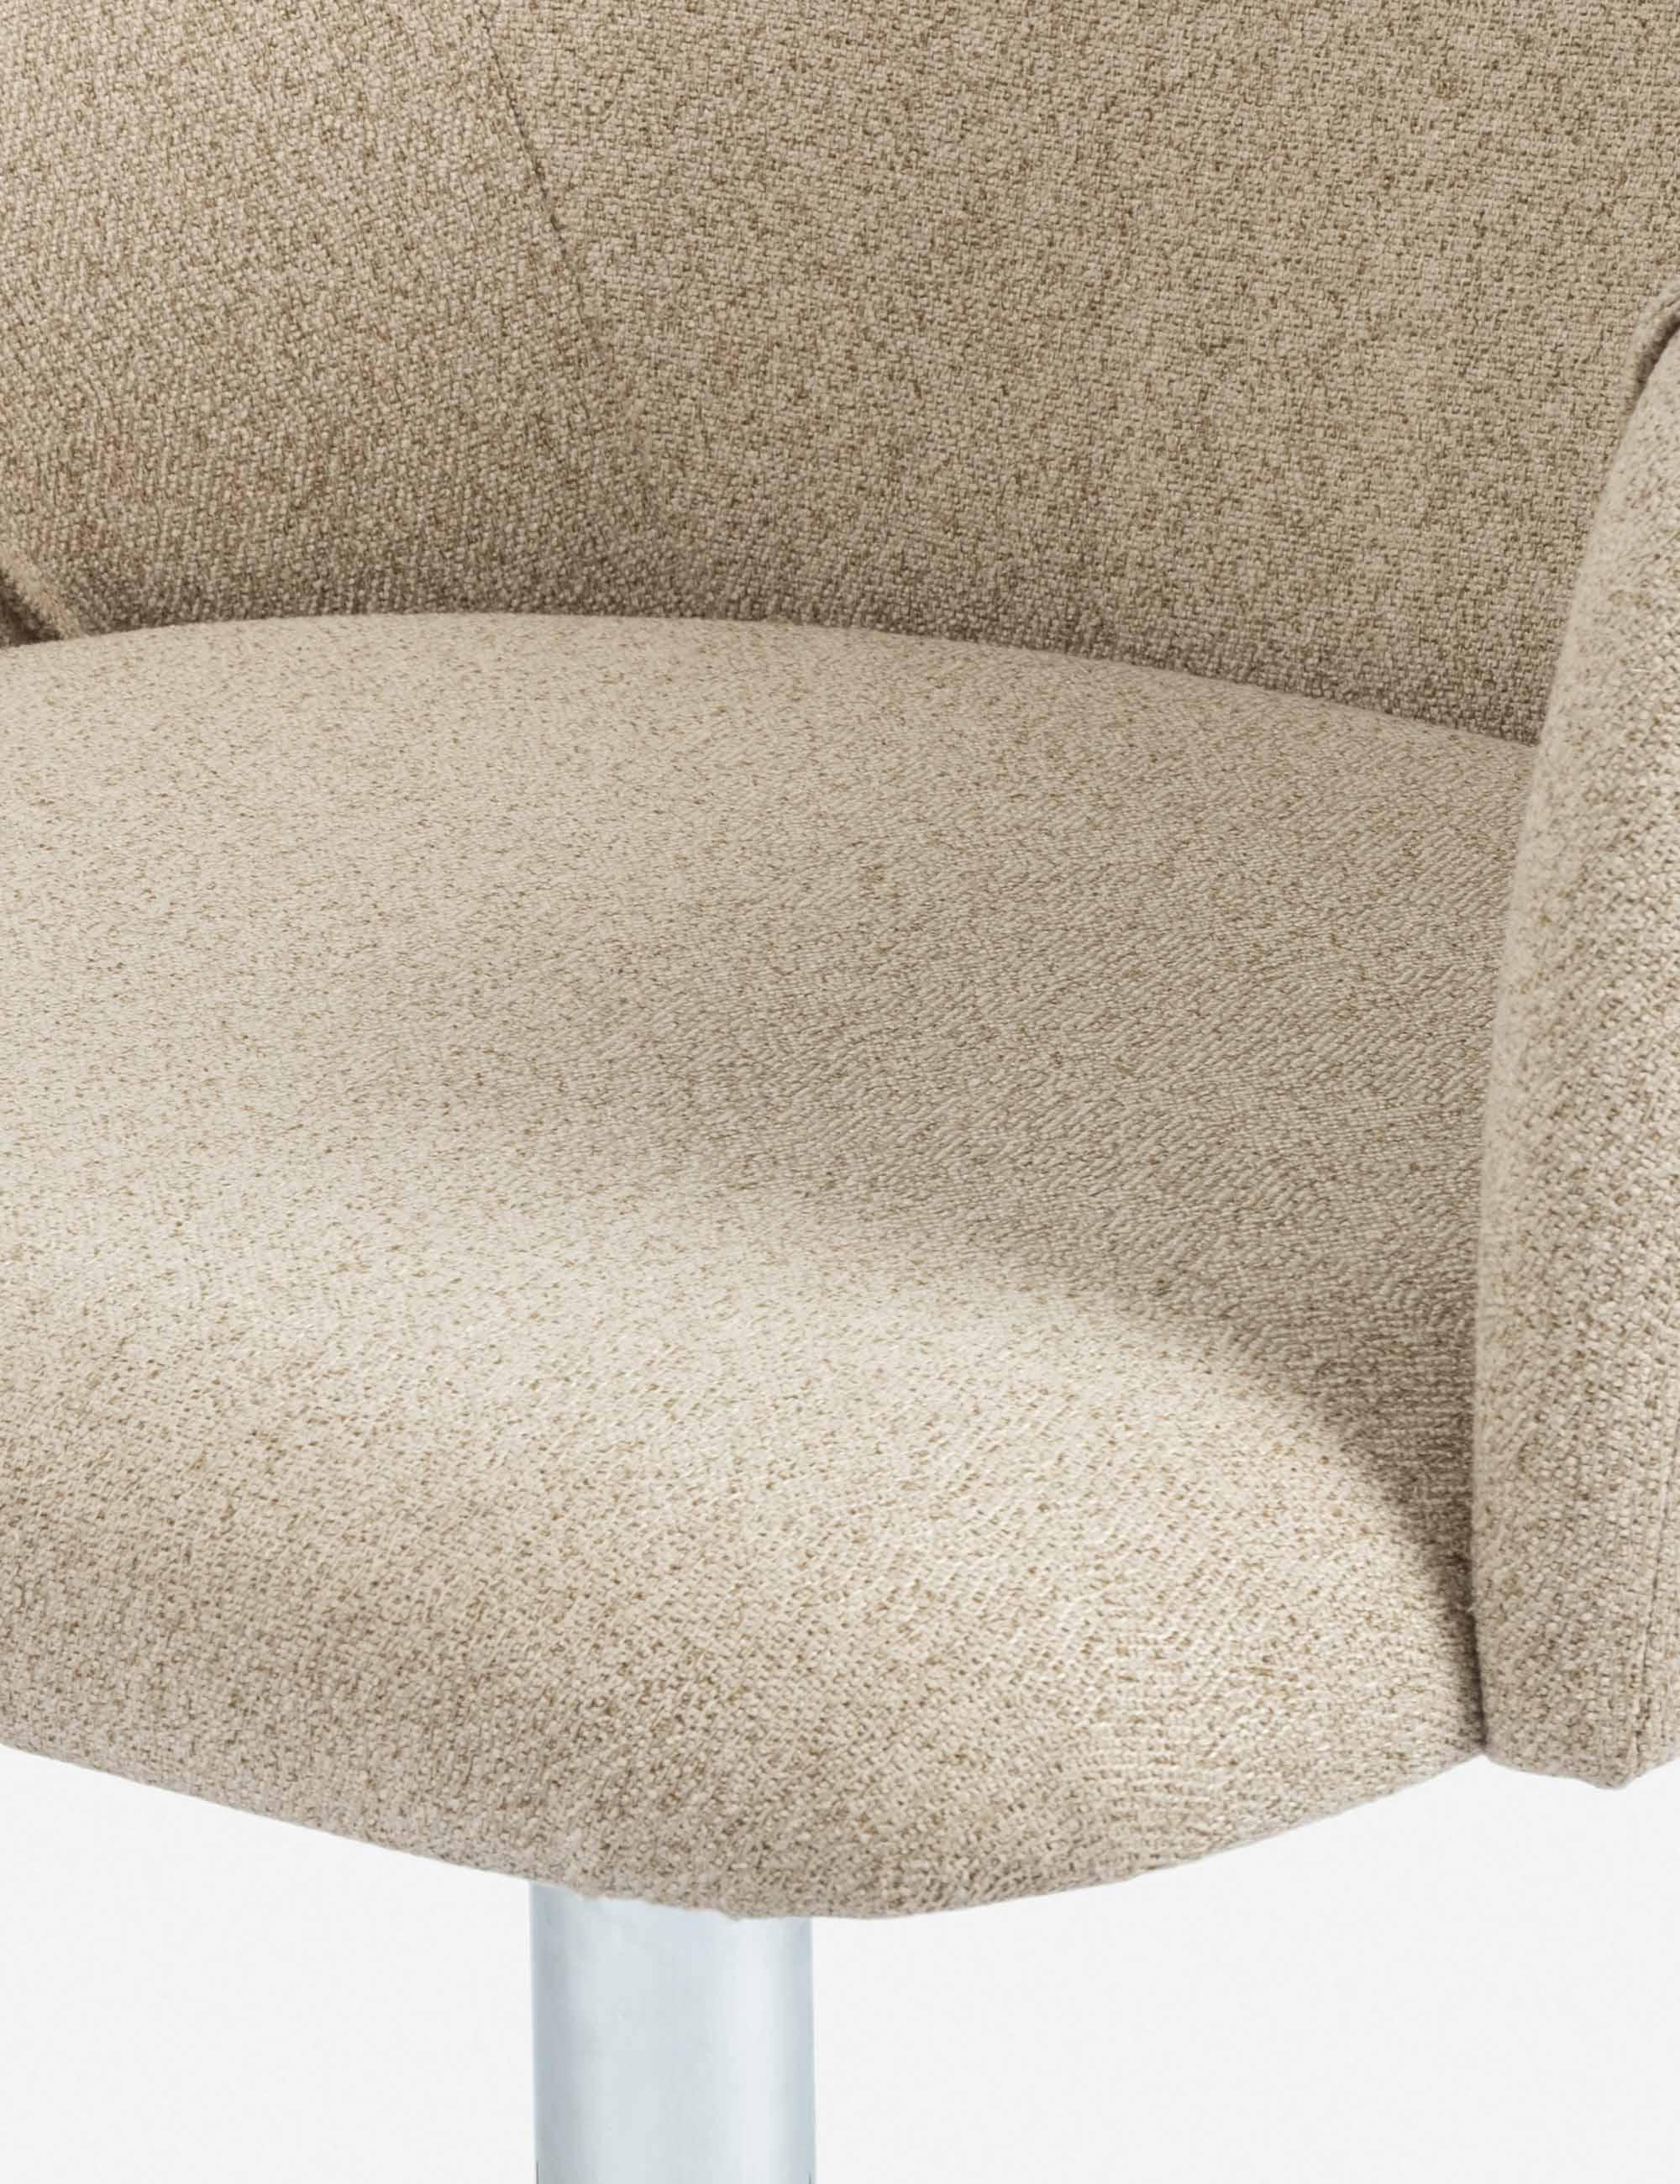 Satine Desk Chair, Fedora Oatmeal